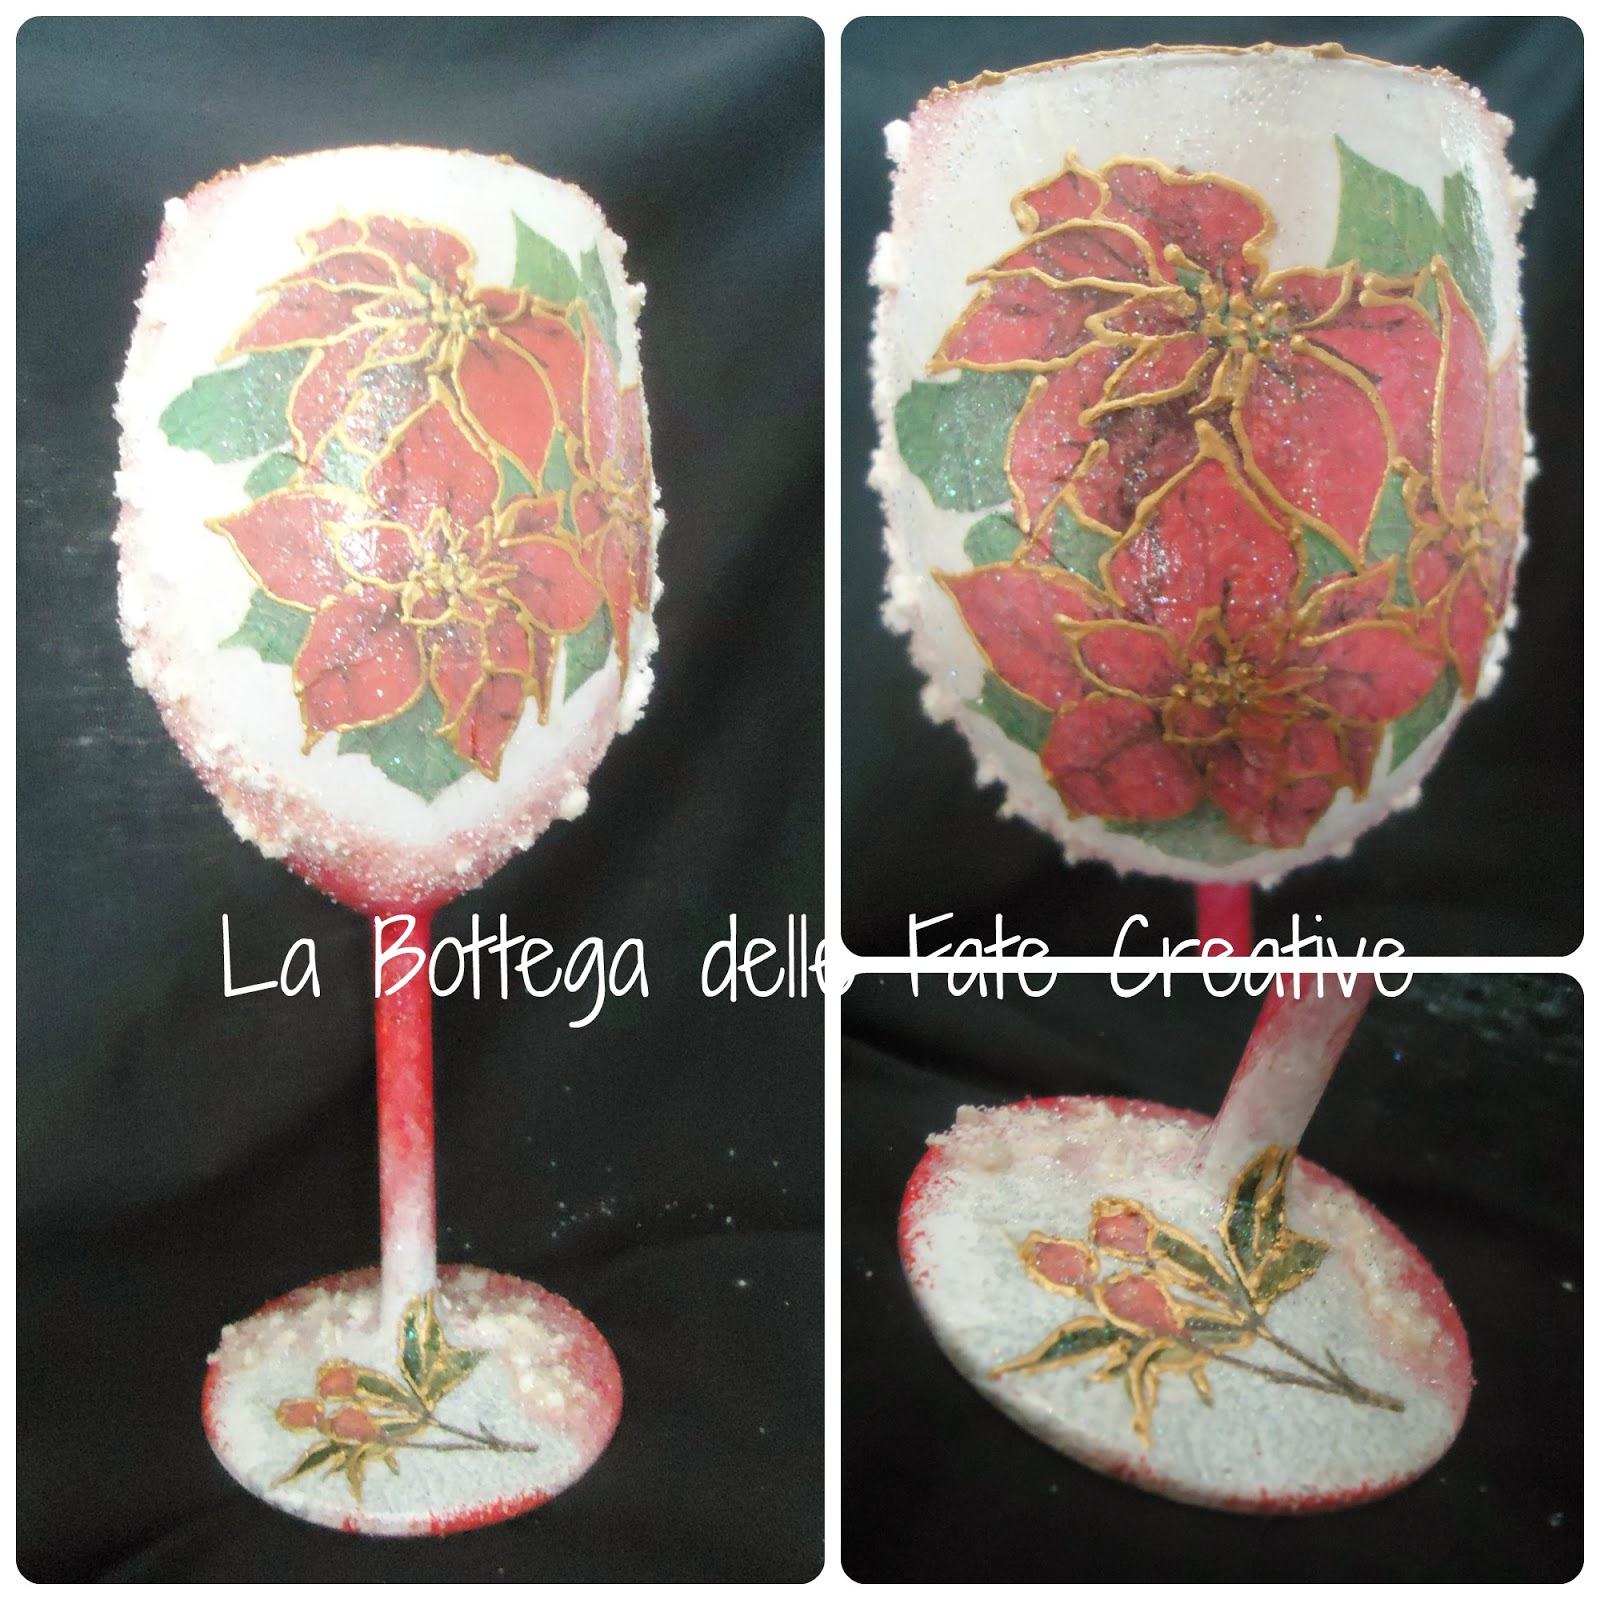 La bottega delle fate creative portacandele natalizi e sfere per l 39 albero di natale - Bicchieri decorati per natale ...